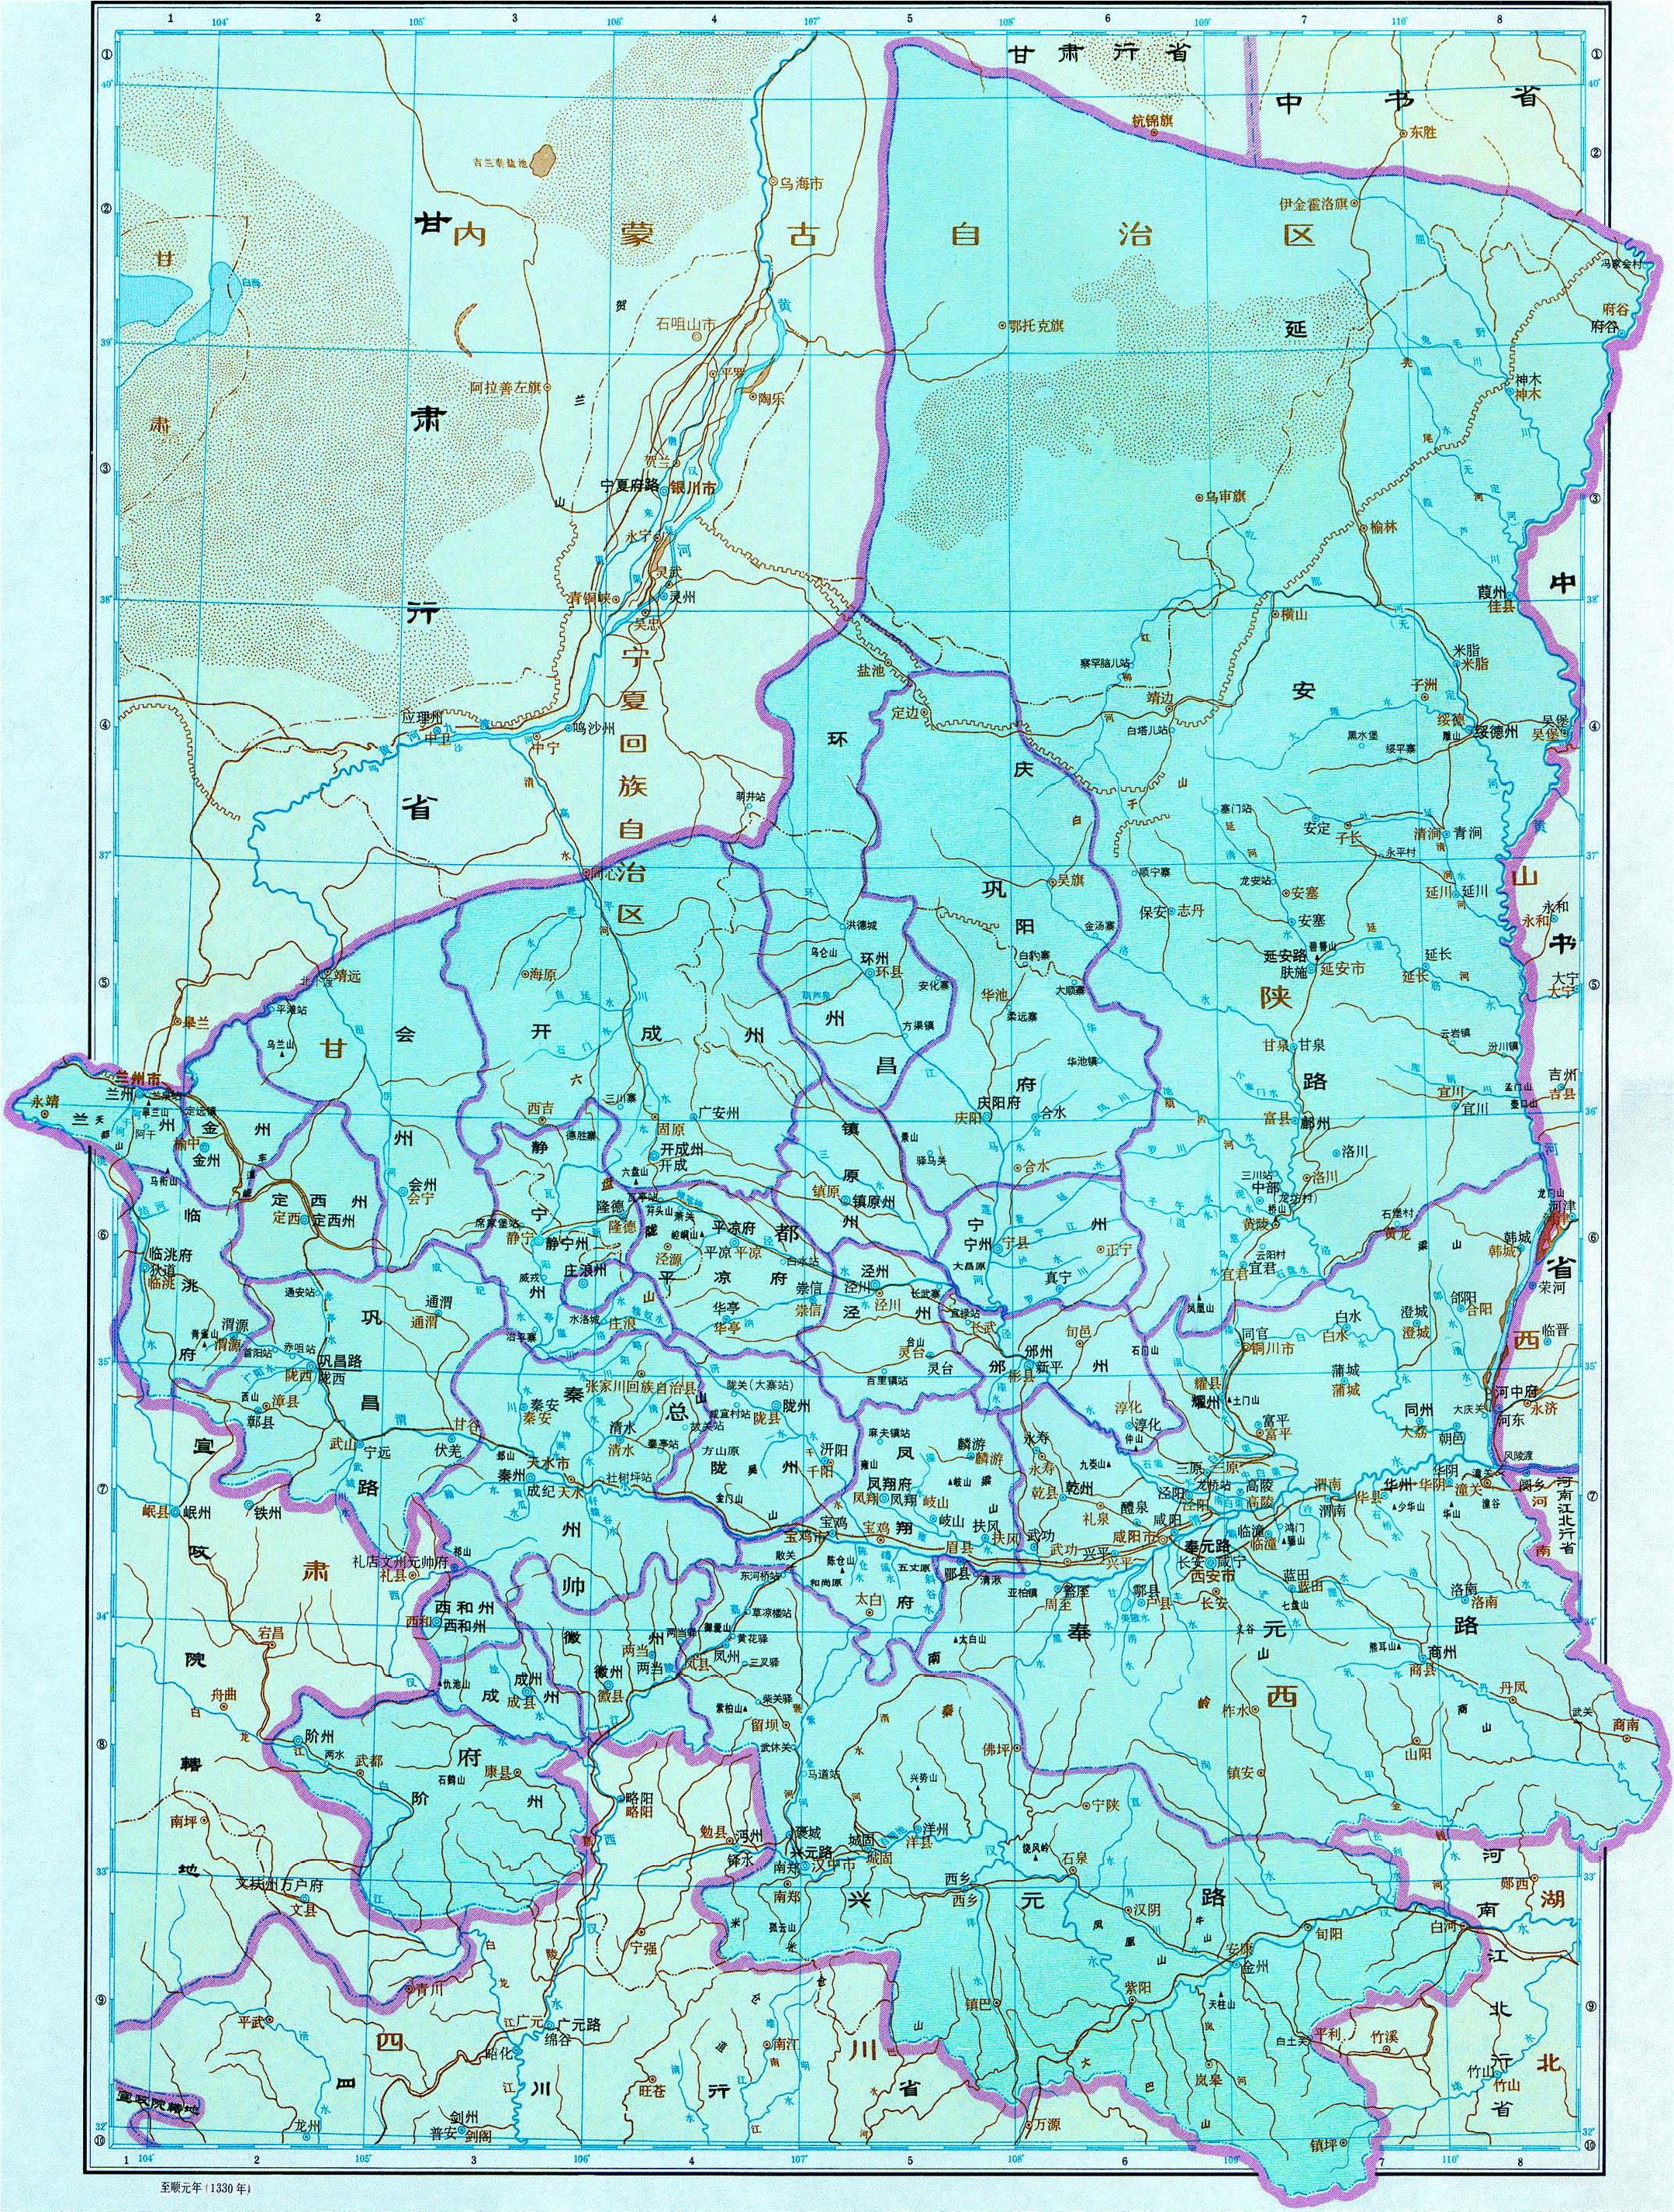 历史地图:陕西行省(元)_中国史稿地图地图库_地图窝图片